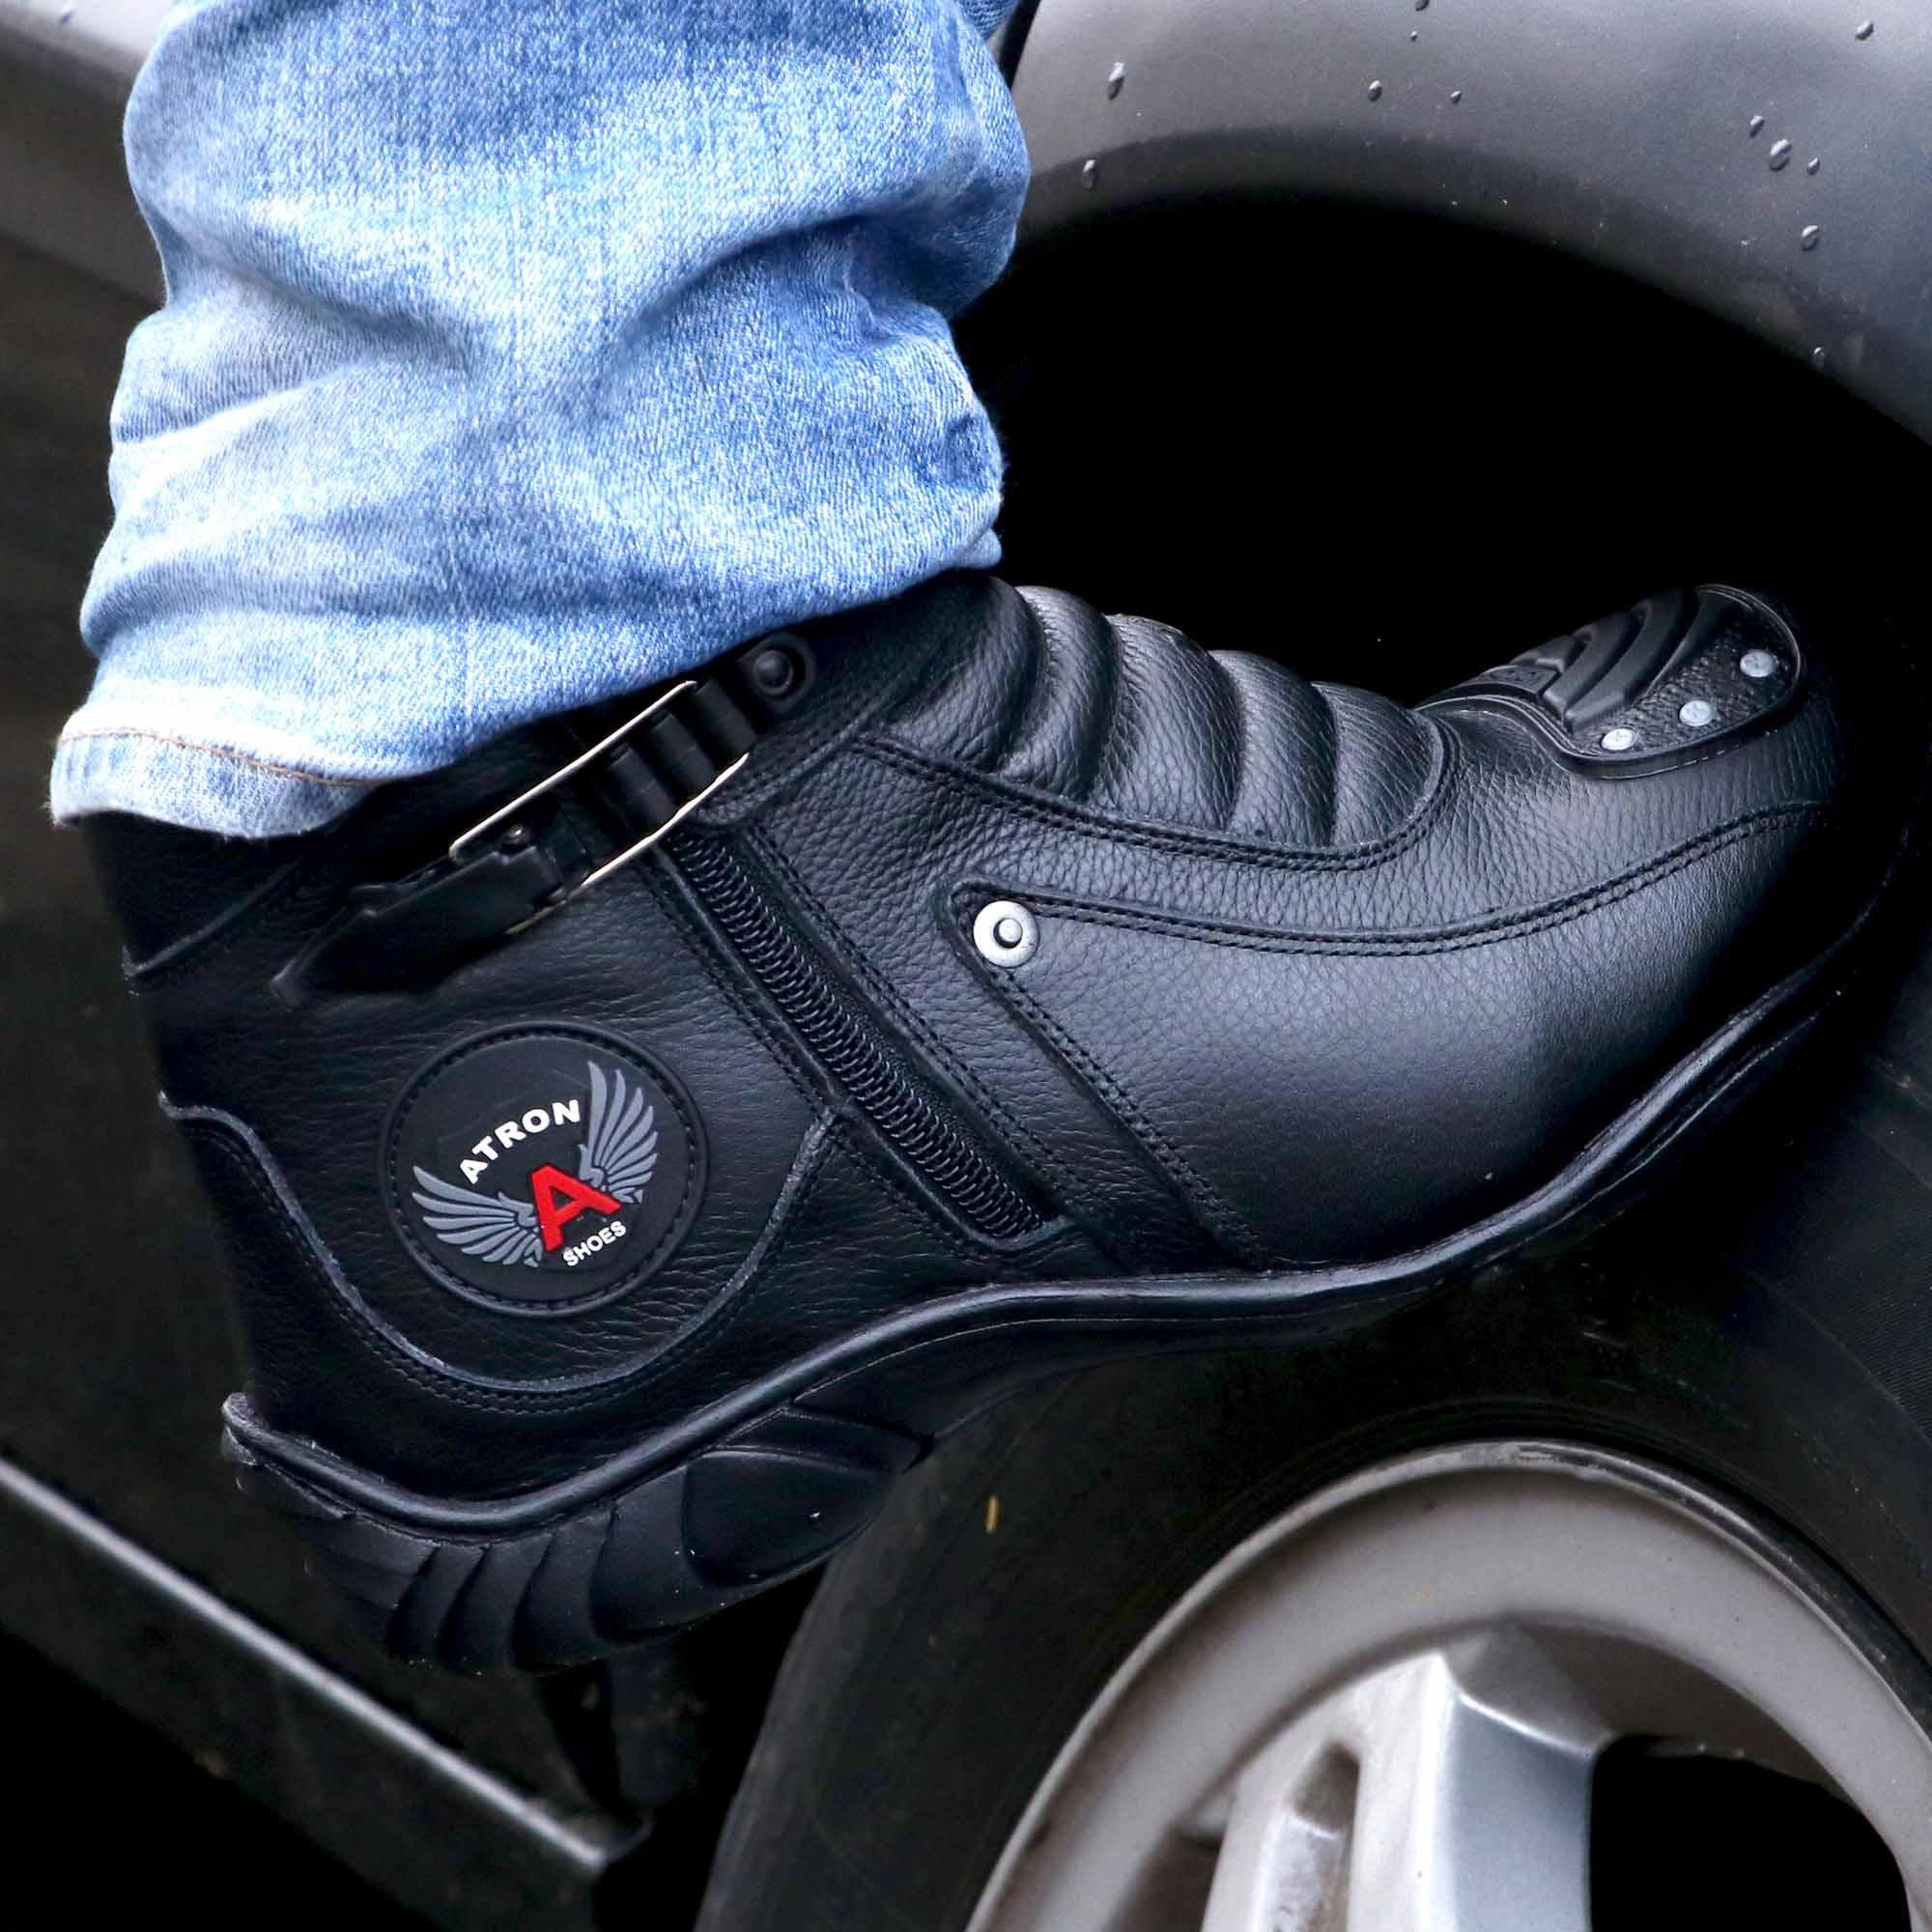 Bota motociclista couro legítimo 271 - grátis uma carteira